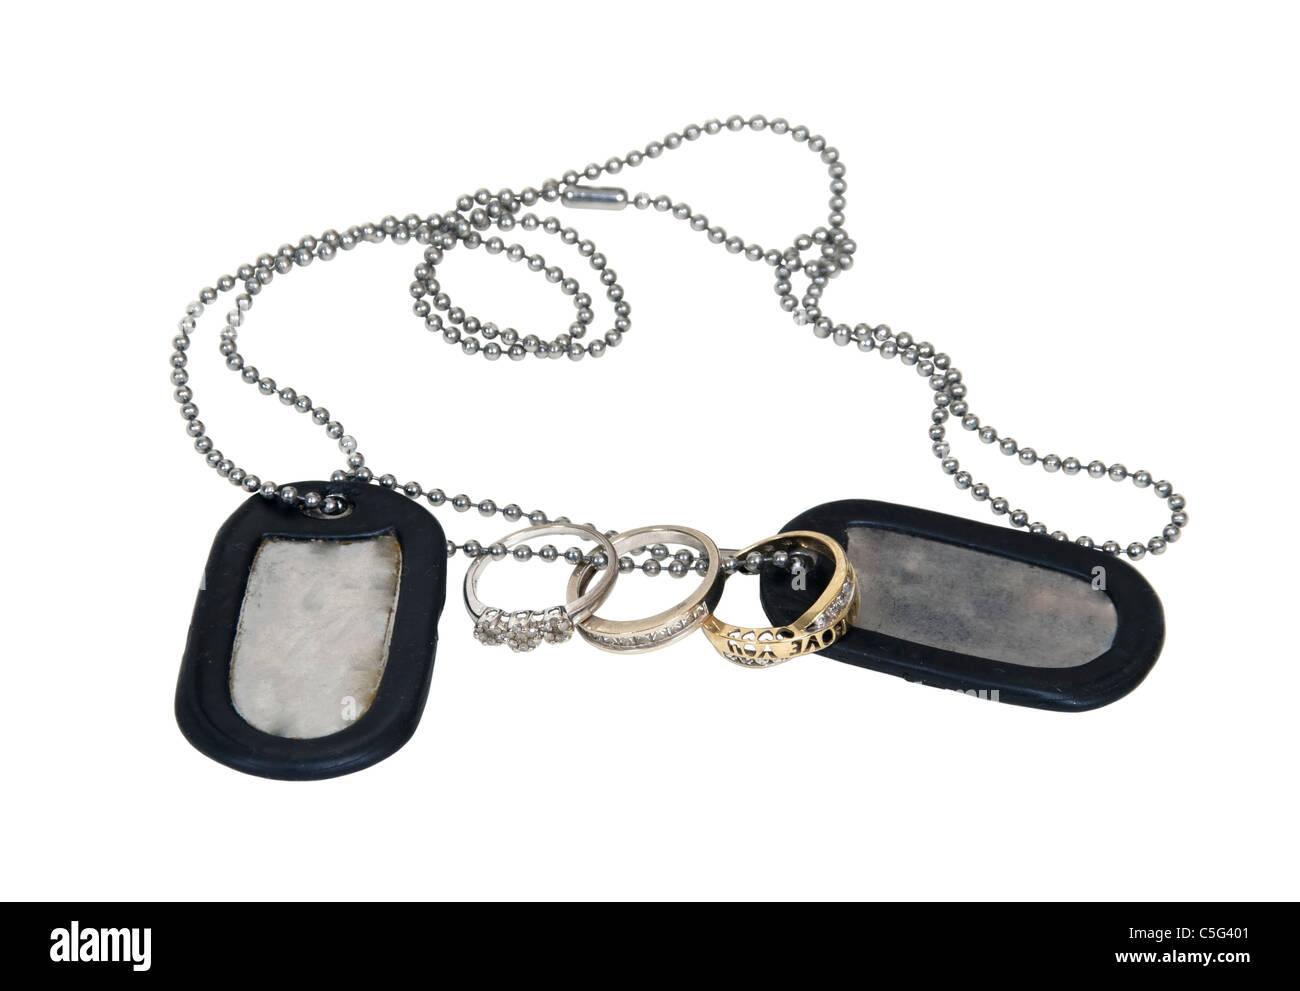 Militärische Erkennungsmarken hergestellt aus Metall mit einer Perlen Kette mit Ehering - inklusive Pfad Stockbild